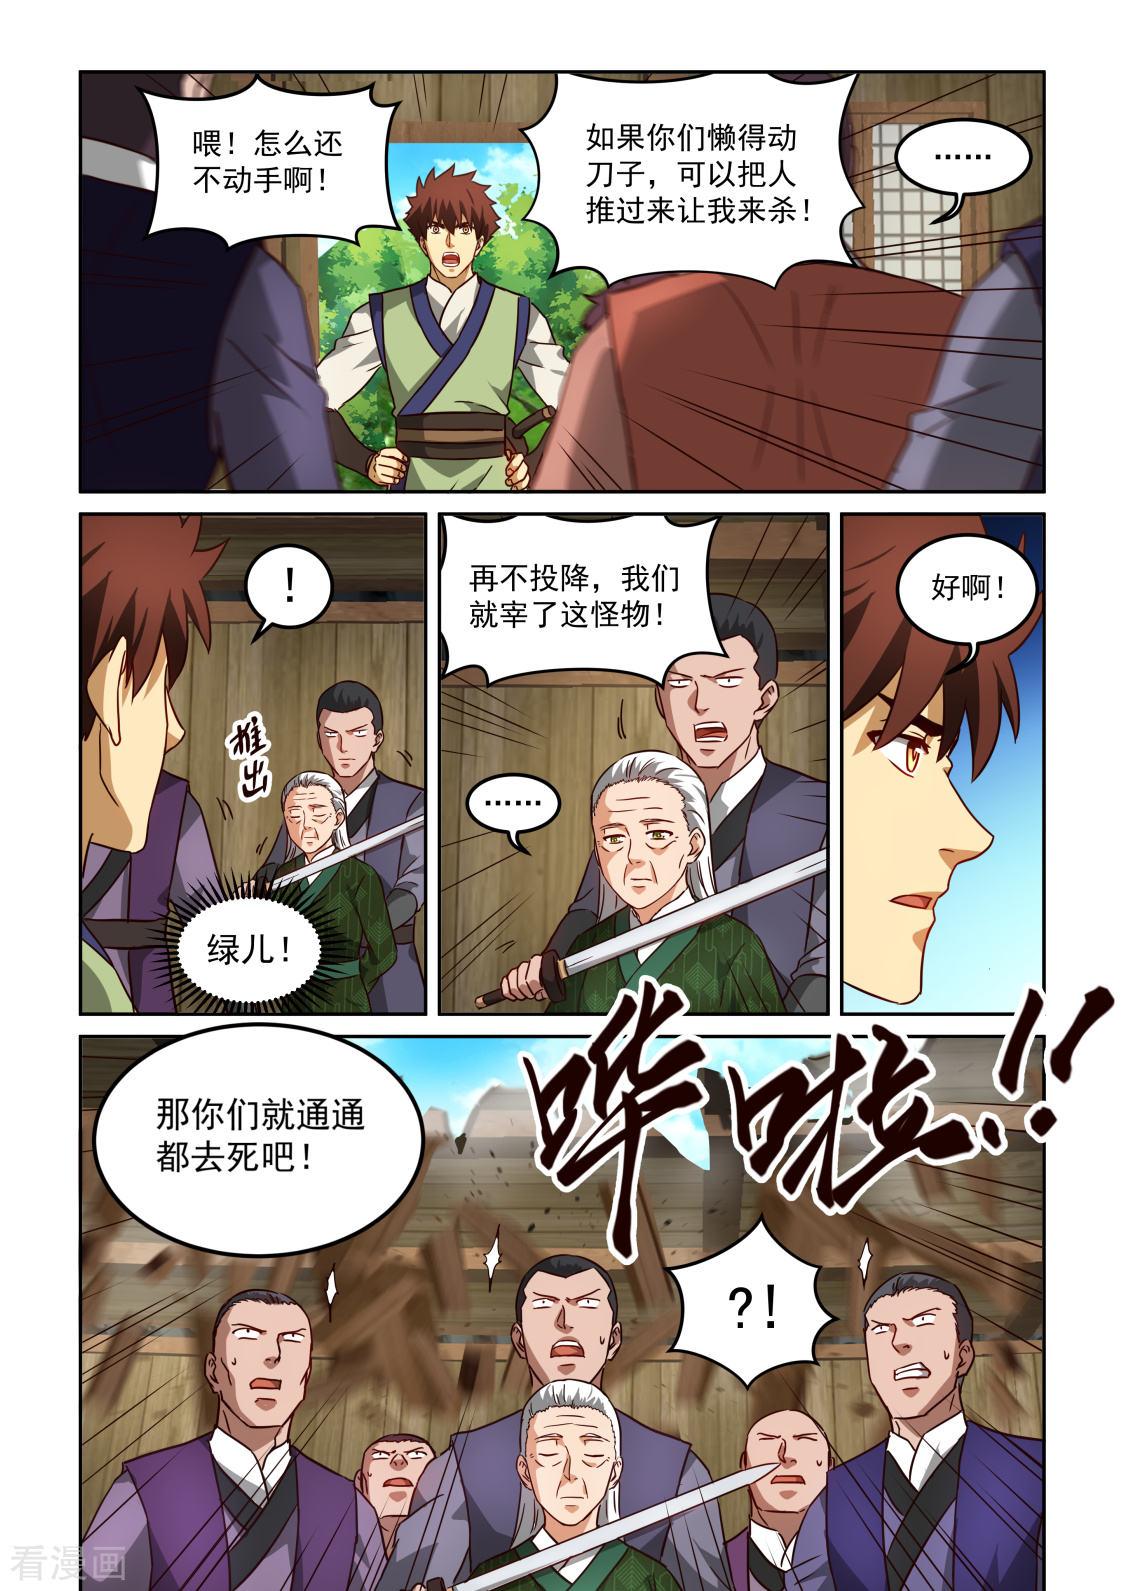 風姿物語: 3季37话 藏匿点危机 - 第12页